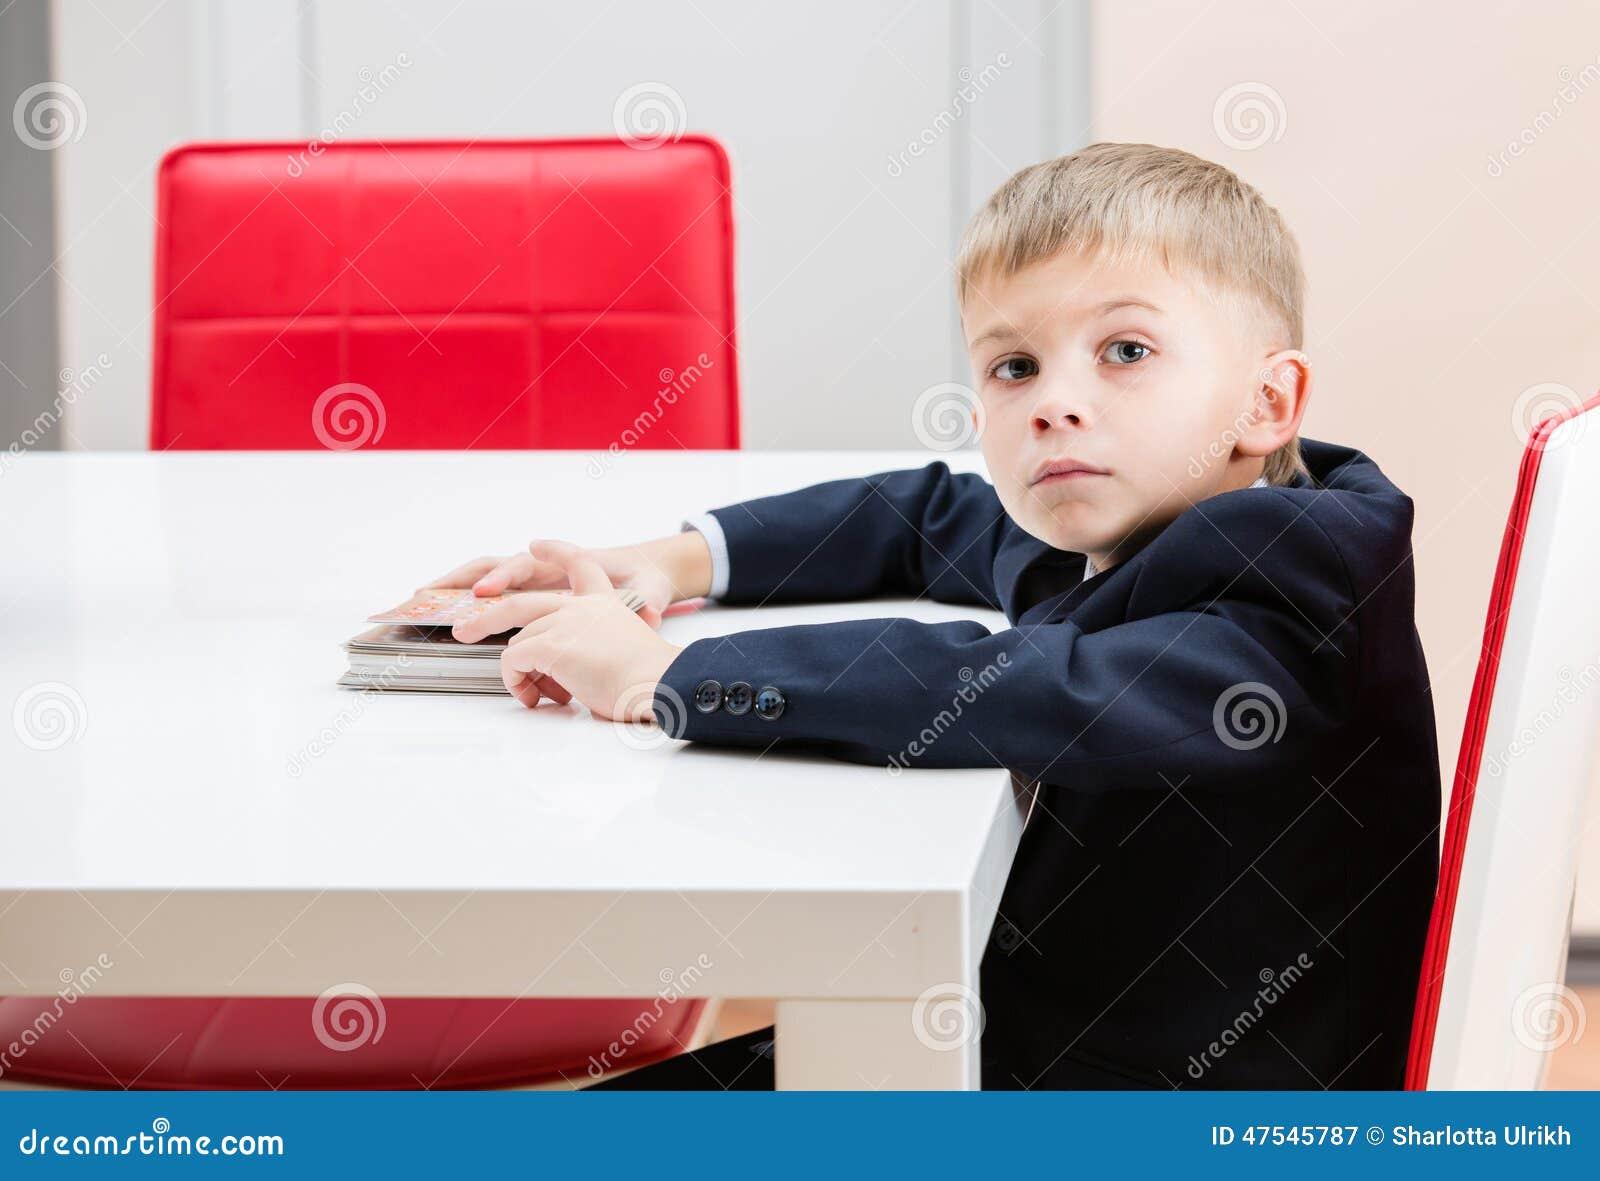 Мальчик на таблице с изображениями палубы